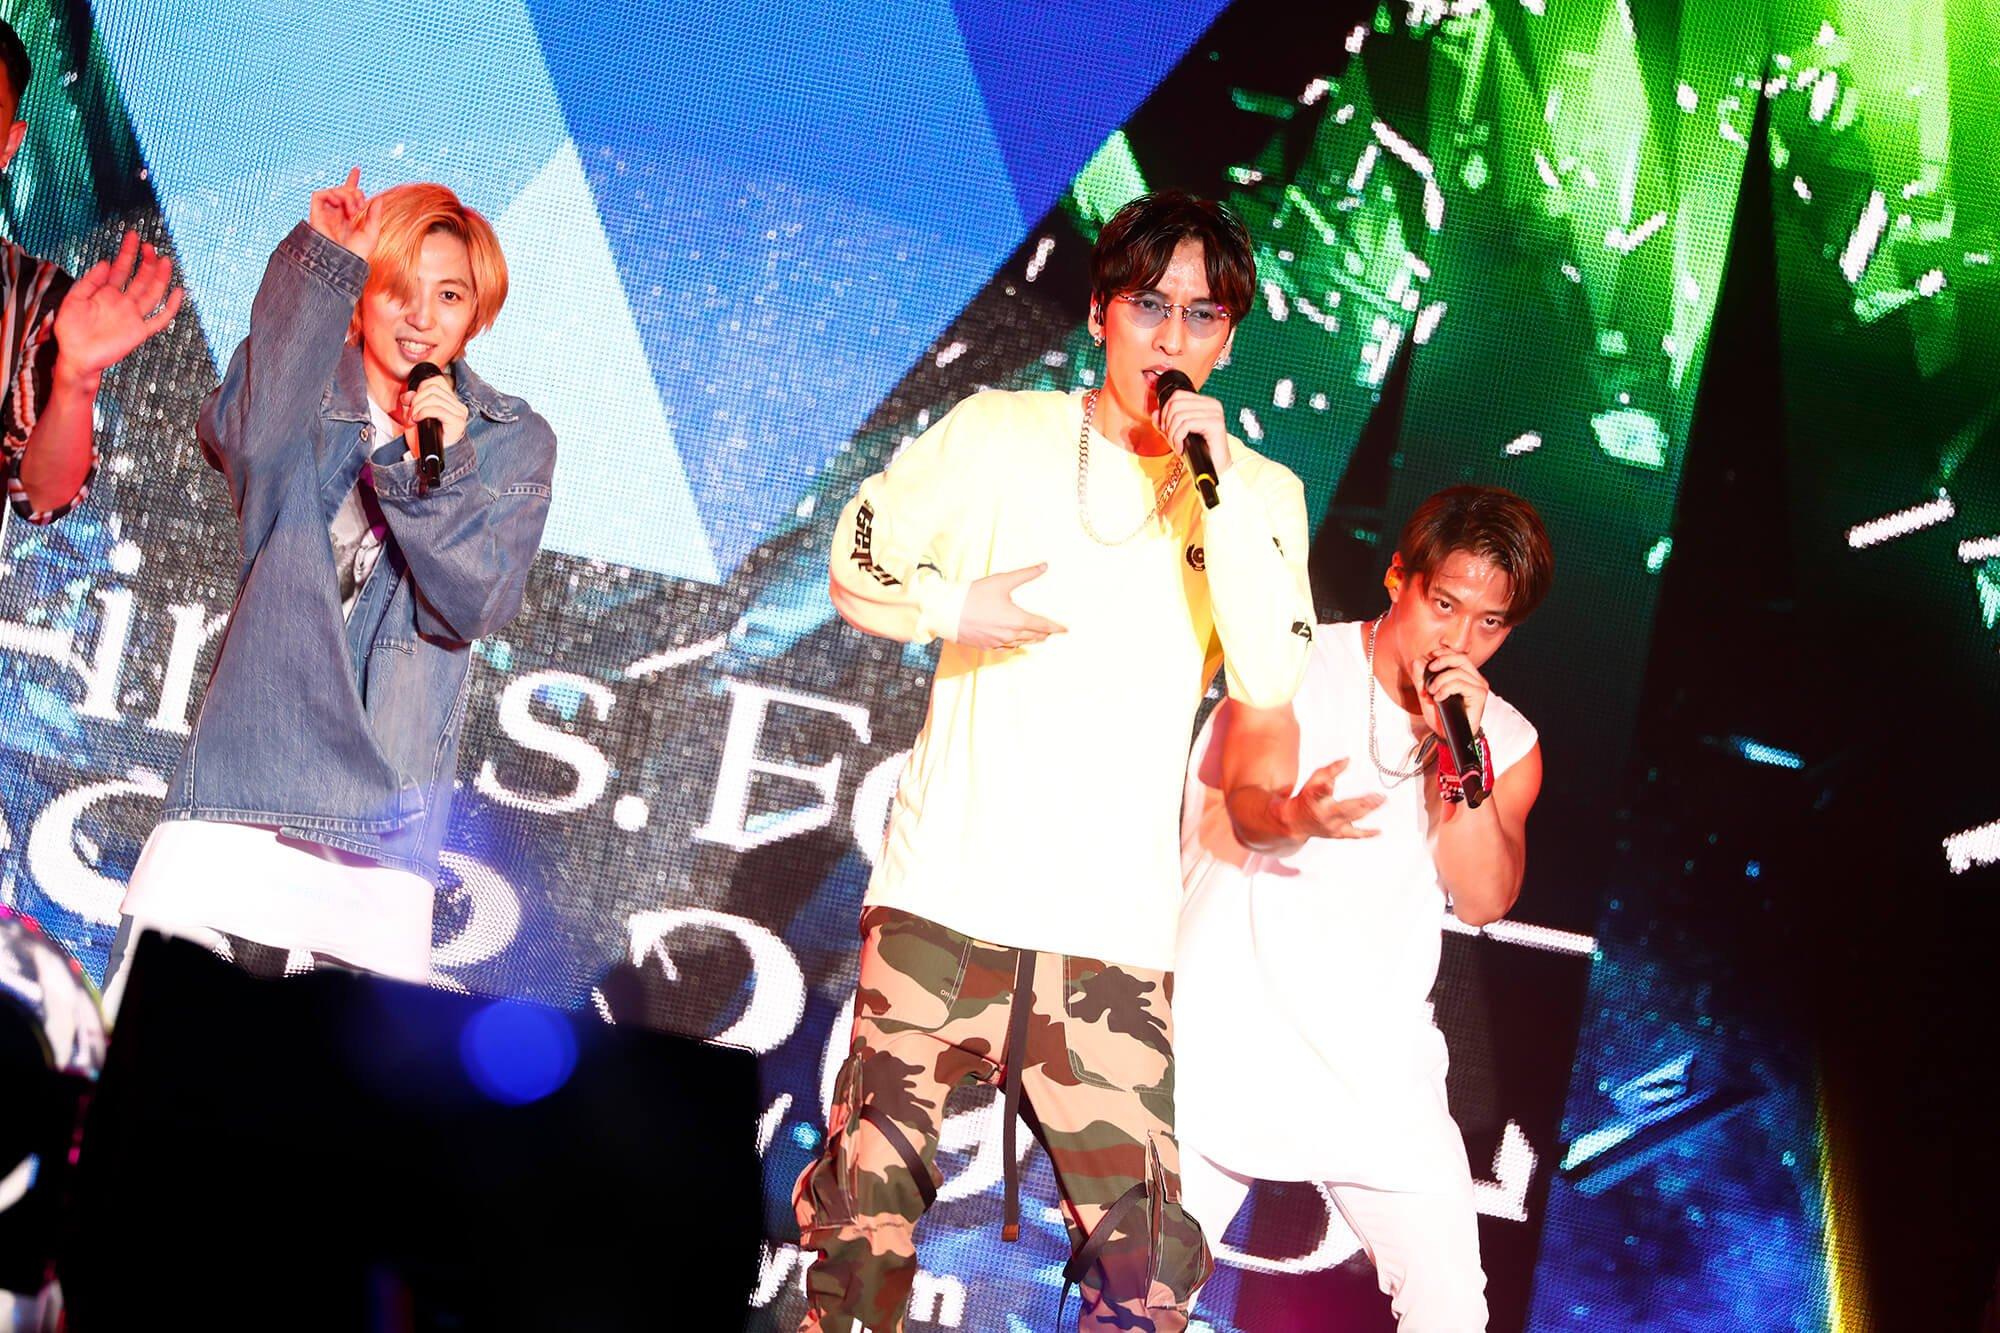 由w-inds.舉辦的日本首場舞蹈&歌唱團體音樂祭 w_inds、